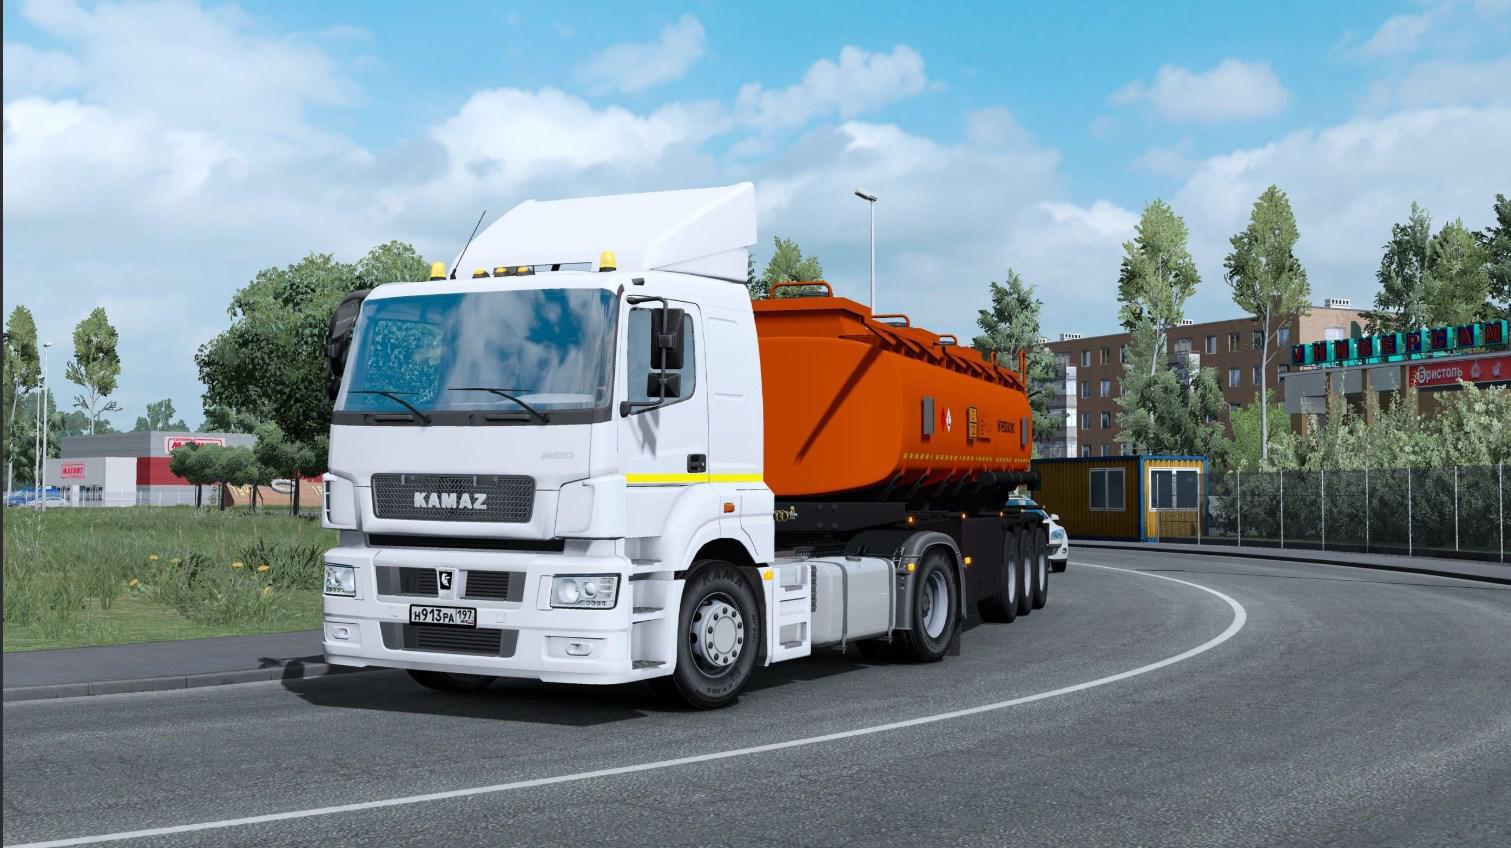 ETS2 - Kamaz 5490/65206 Truck V2.0 (1.36.x)